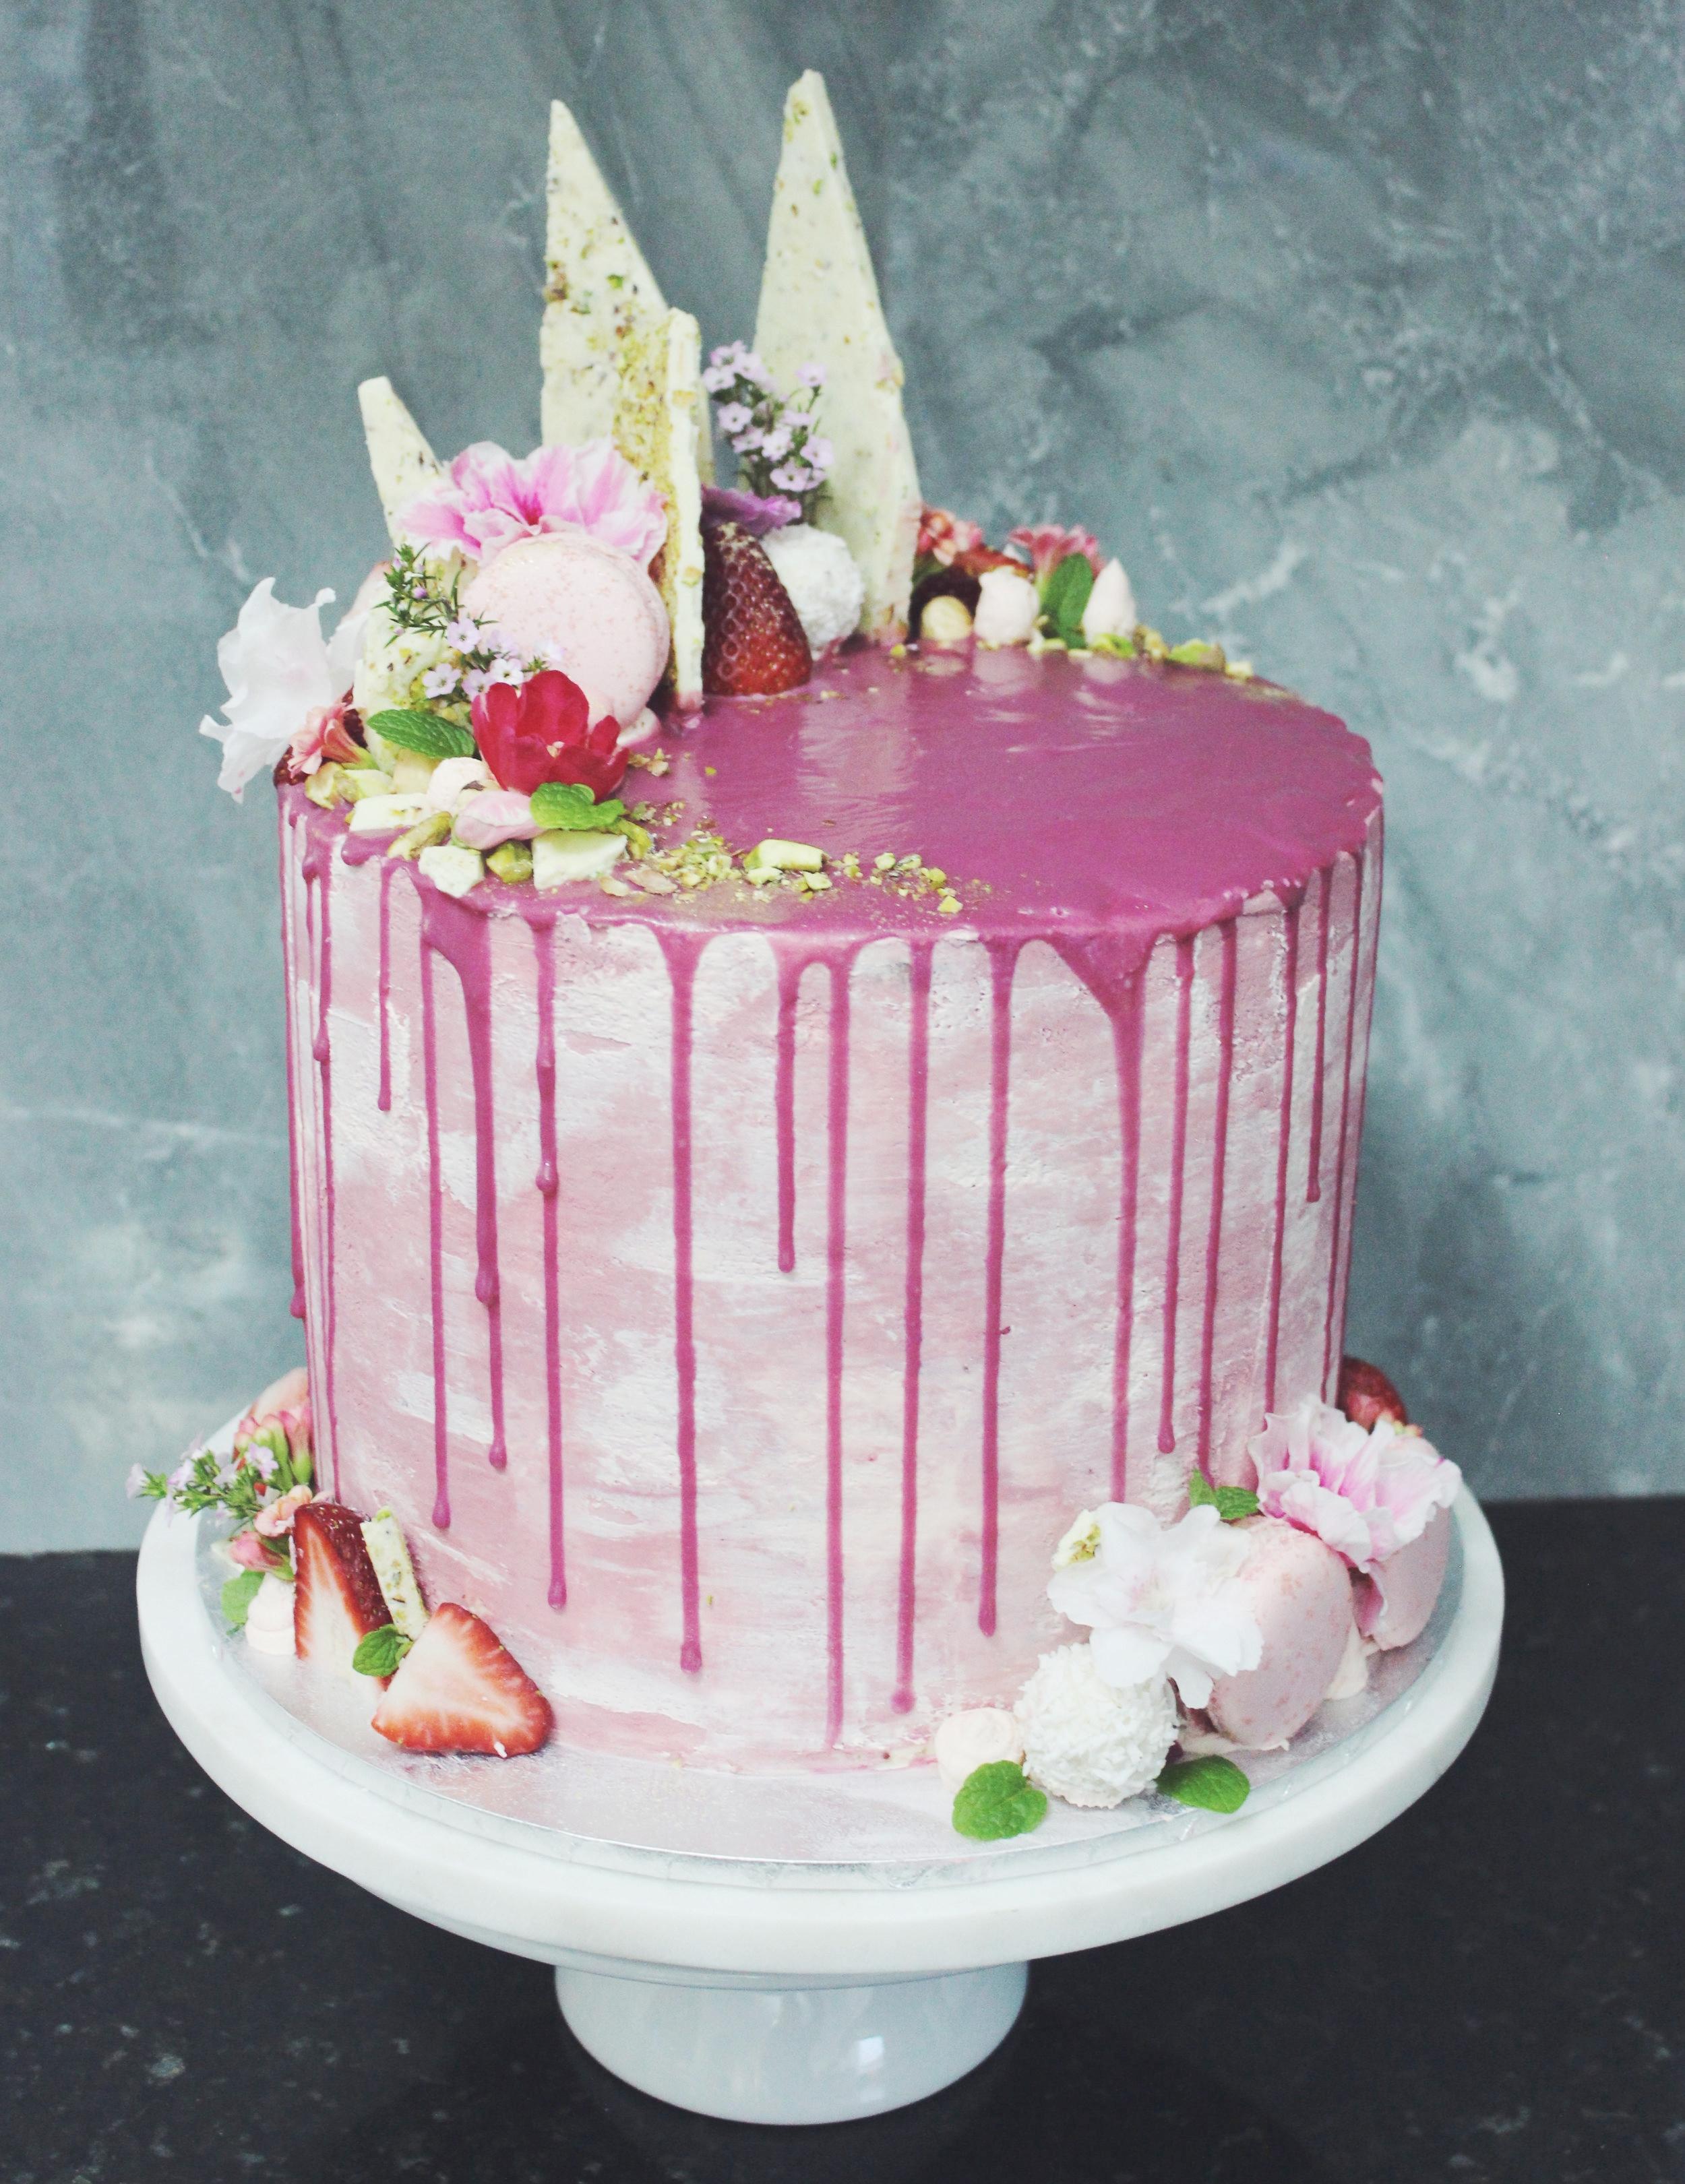 Marble Cake with Vanilla Mascarpone